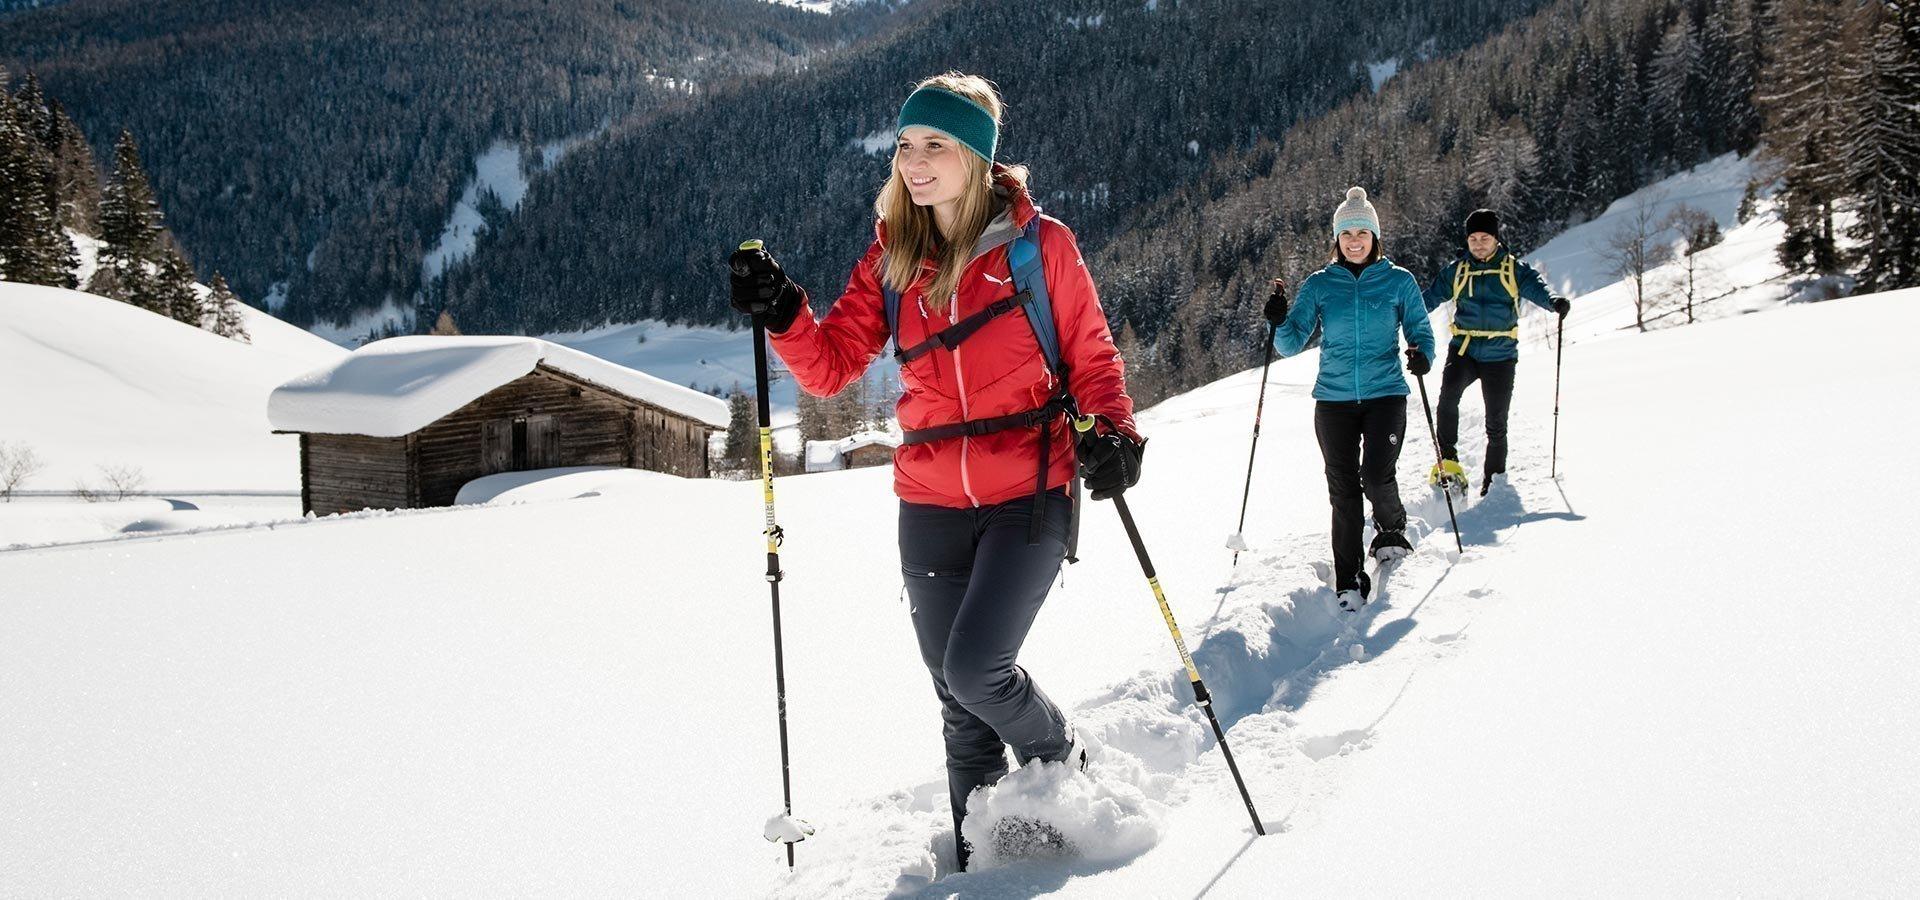 Wintercamping in Südtirol auf der Lärchwiese